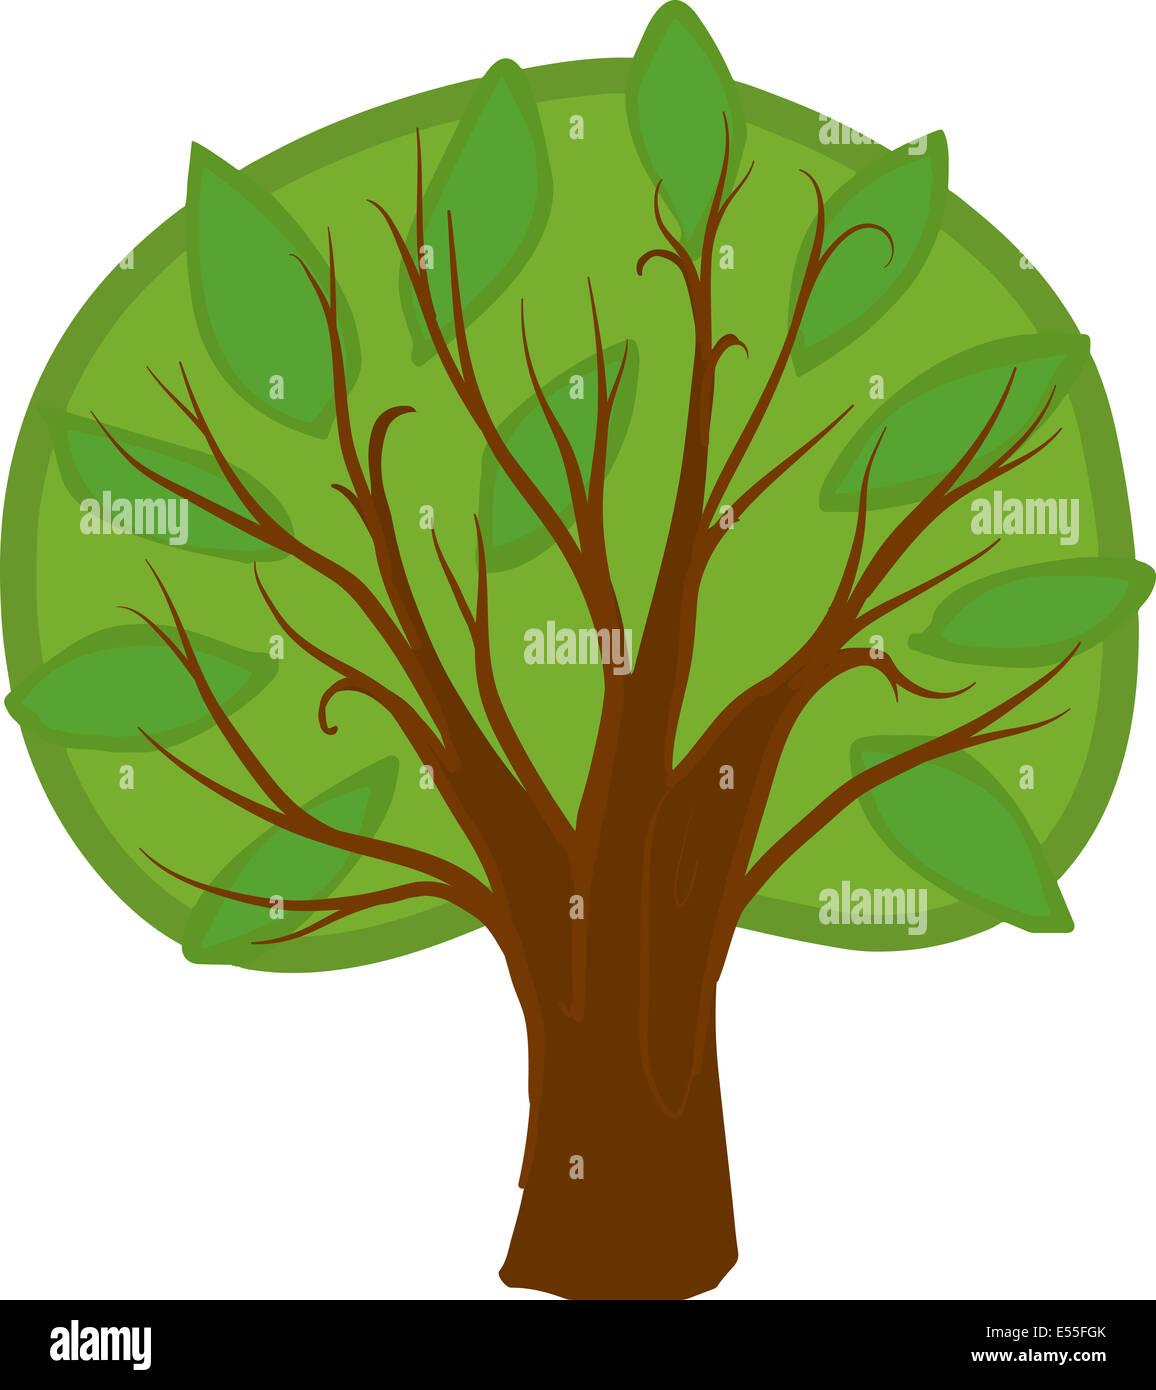 Ilustración de un árbol caducifolio de dibujos animados con luz y hojas de  color verde oscuro, marrón, tronco y ramas. Aislados Fotografía de stock -  Alamy